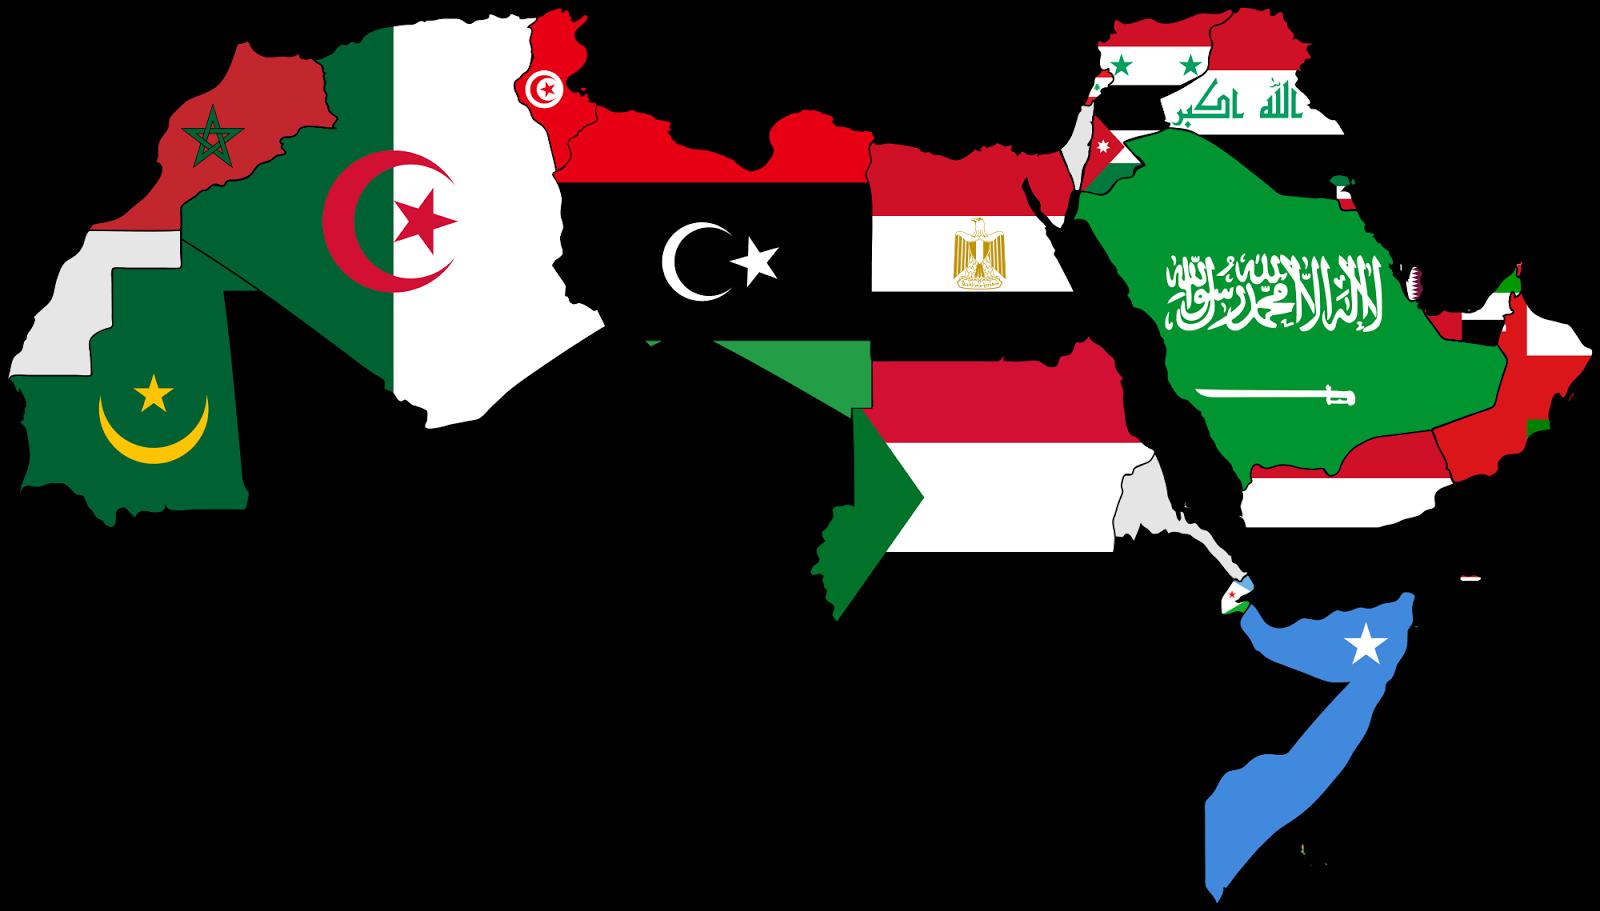 Bukti Sejarah Menunjukkan Negara-Negara Arab Sulit Bersatu